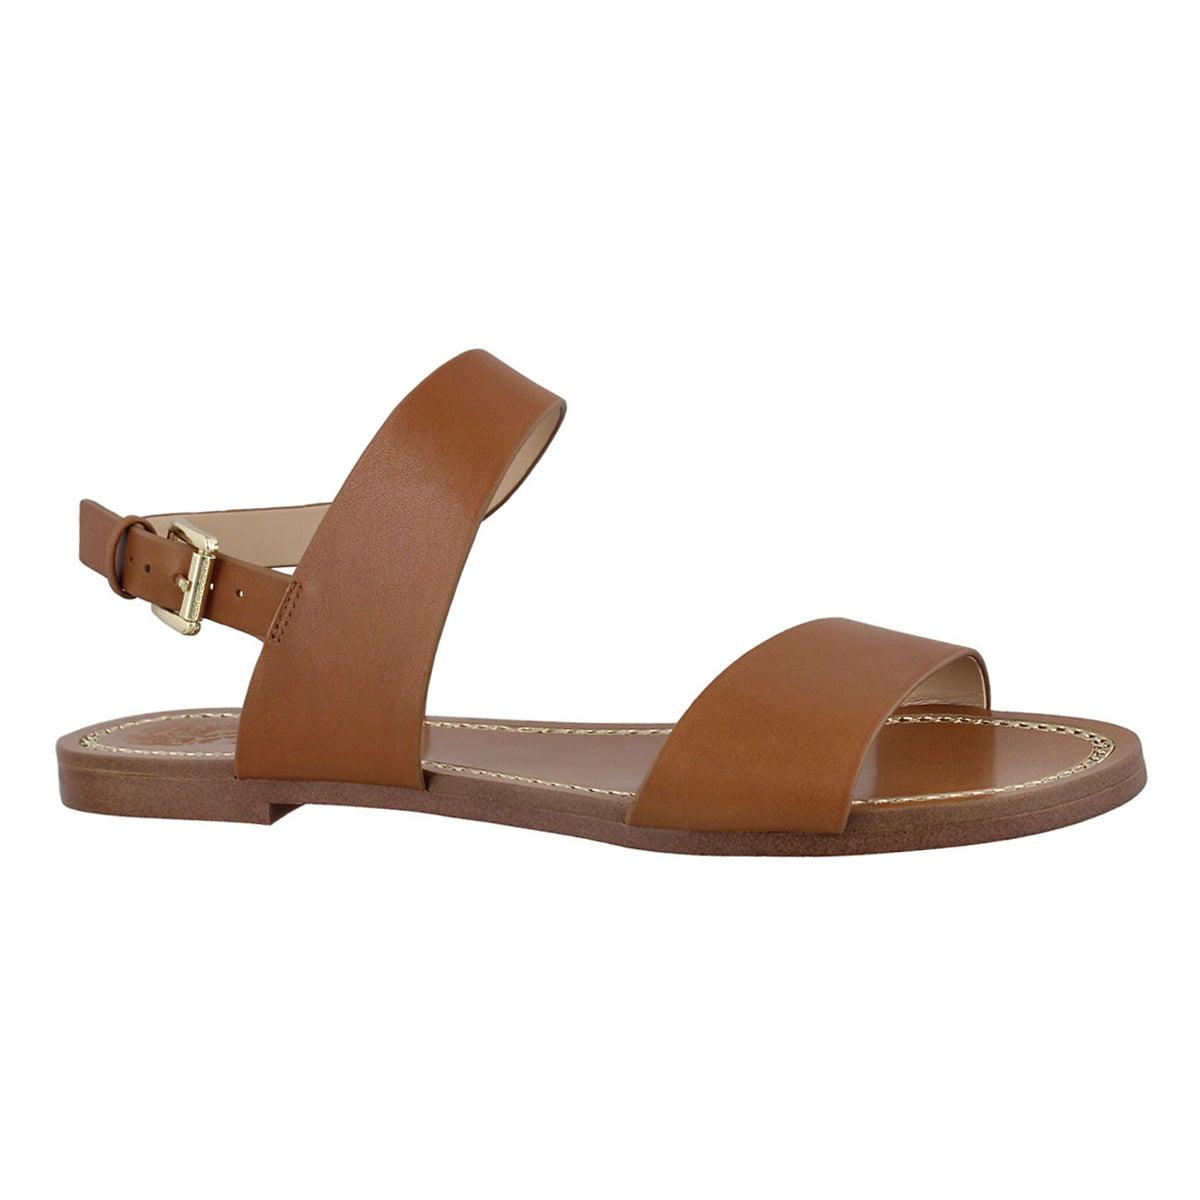 Women's RENTIN whiskey barrel dress sandal